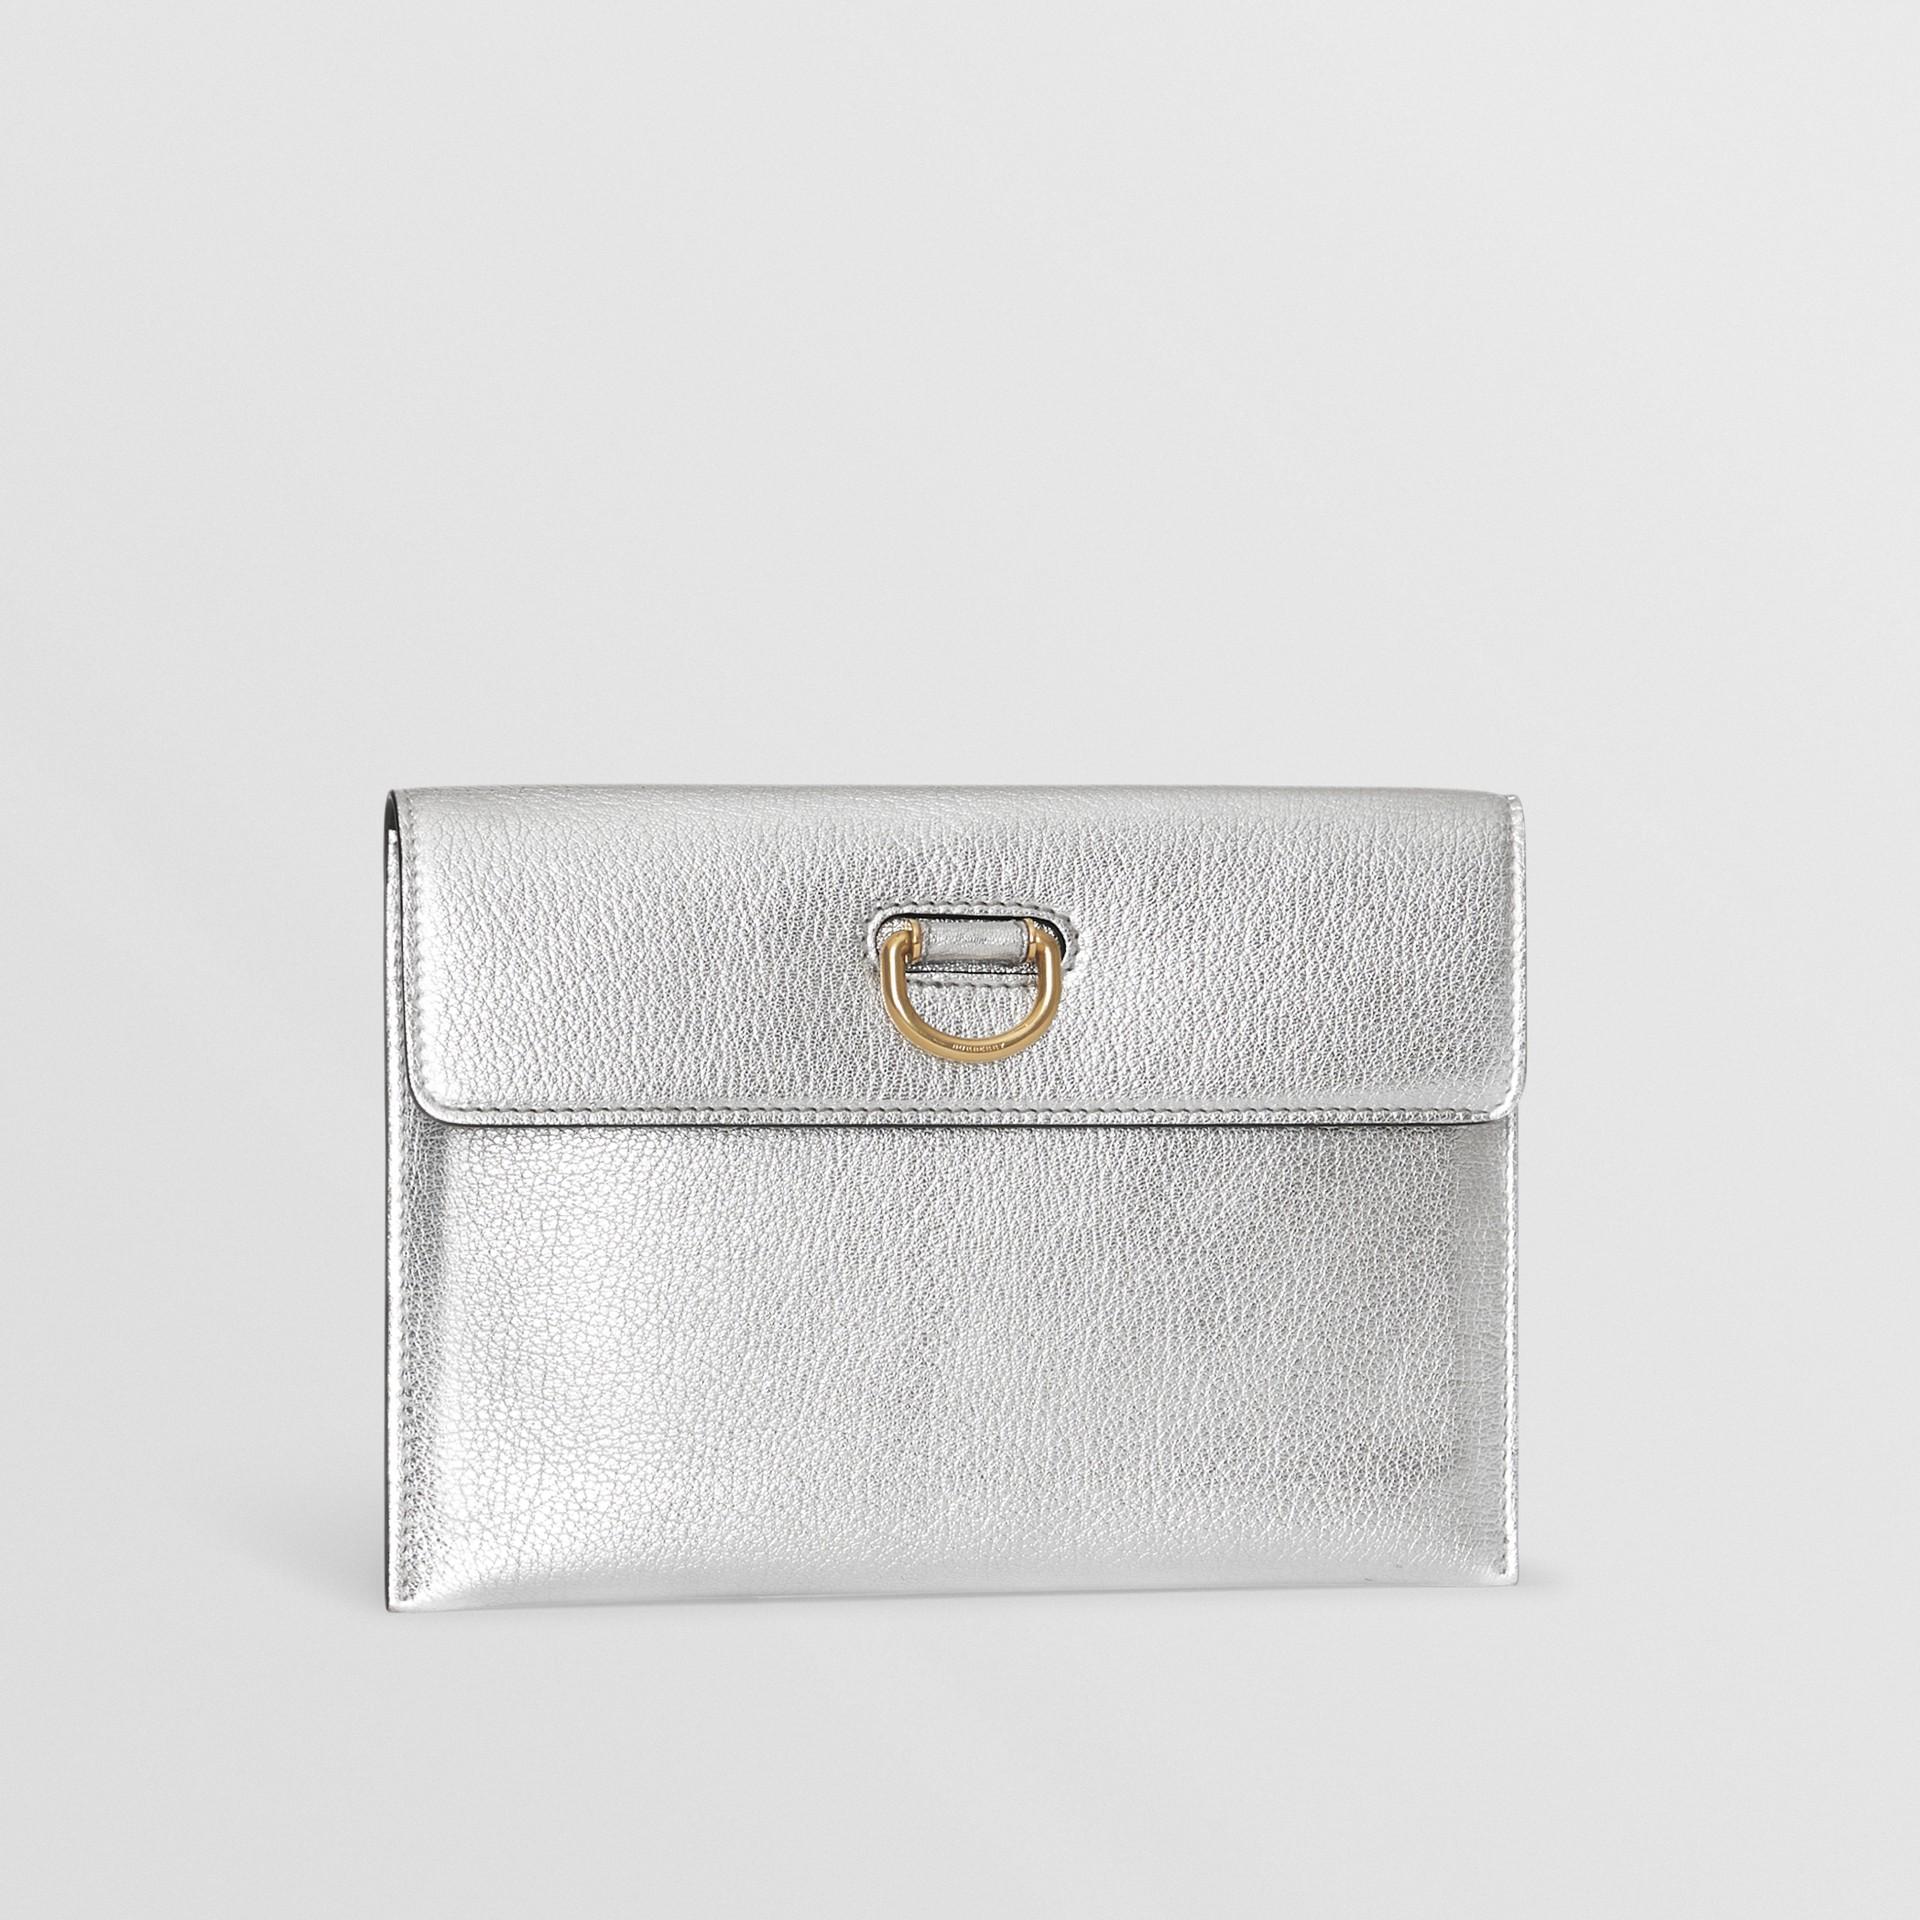 Bolsa pouch de couro metalizado com argola em D e porta-moedas (Prateado) - Mulheres | Burberry - galeria de imagens 7